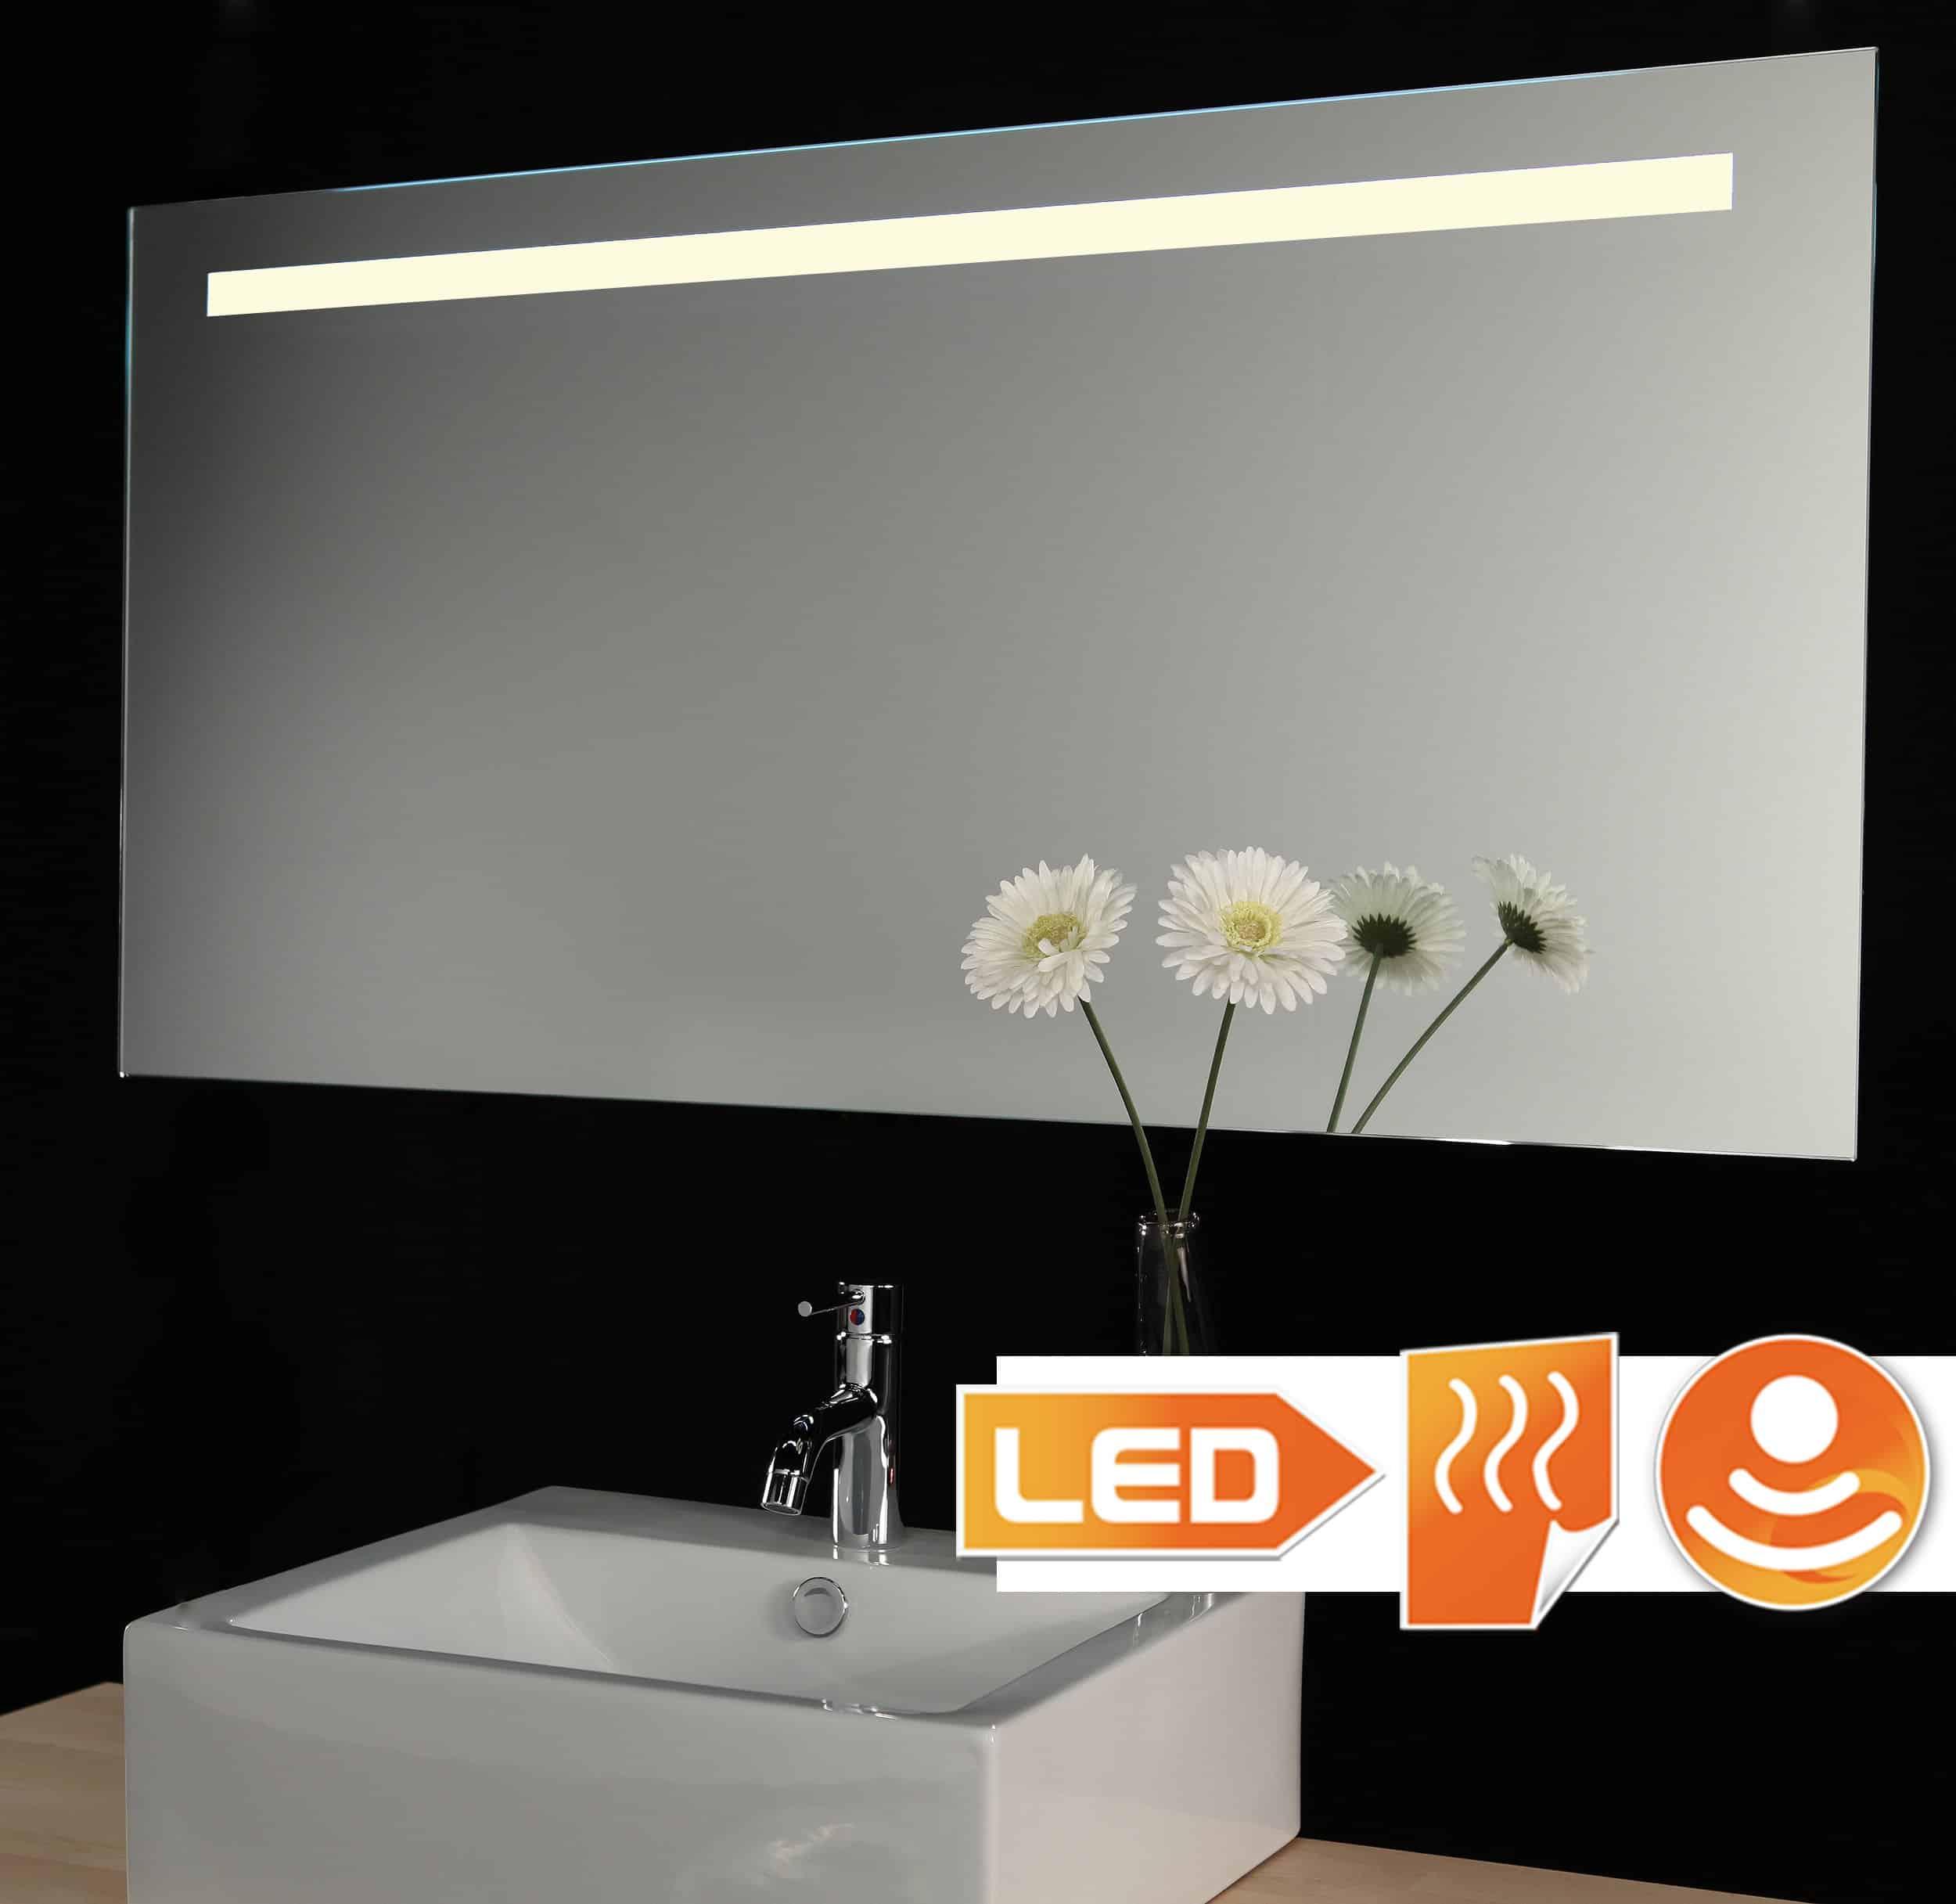 Strakke badkamerspiegel met dimbare verlichting en handige spiegelverwarming